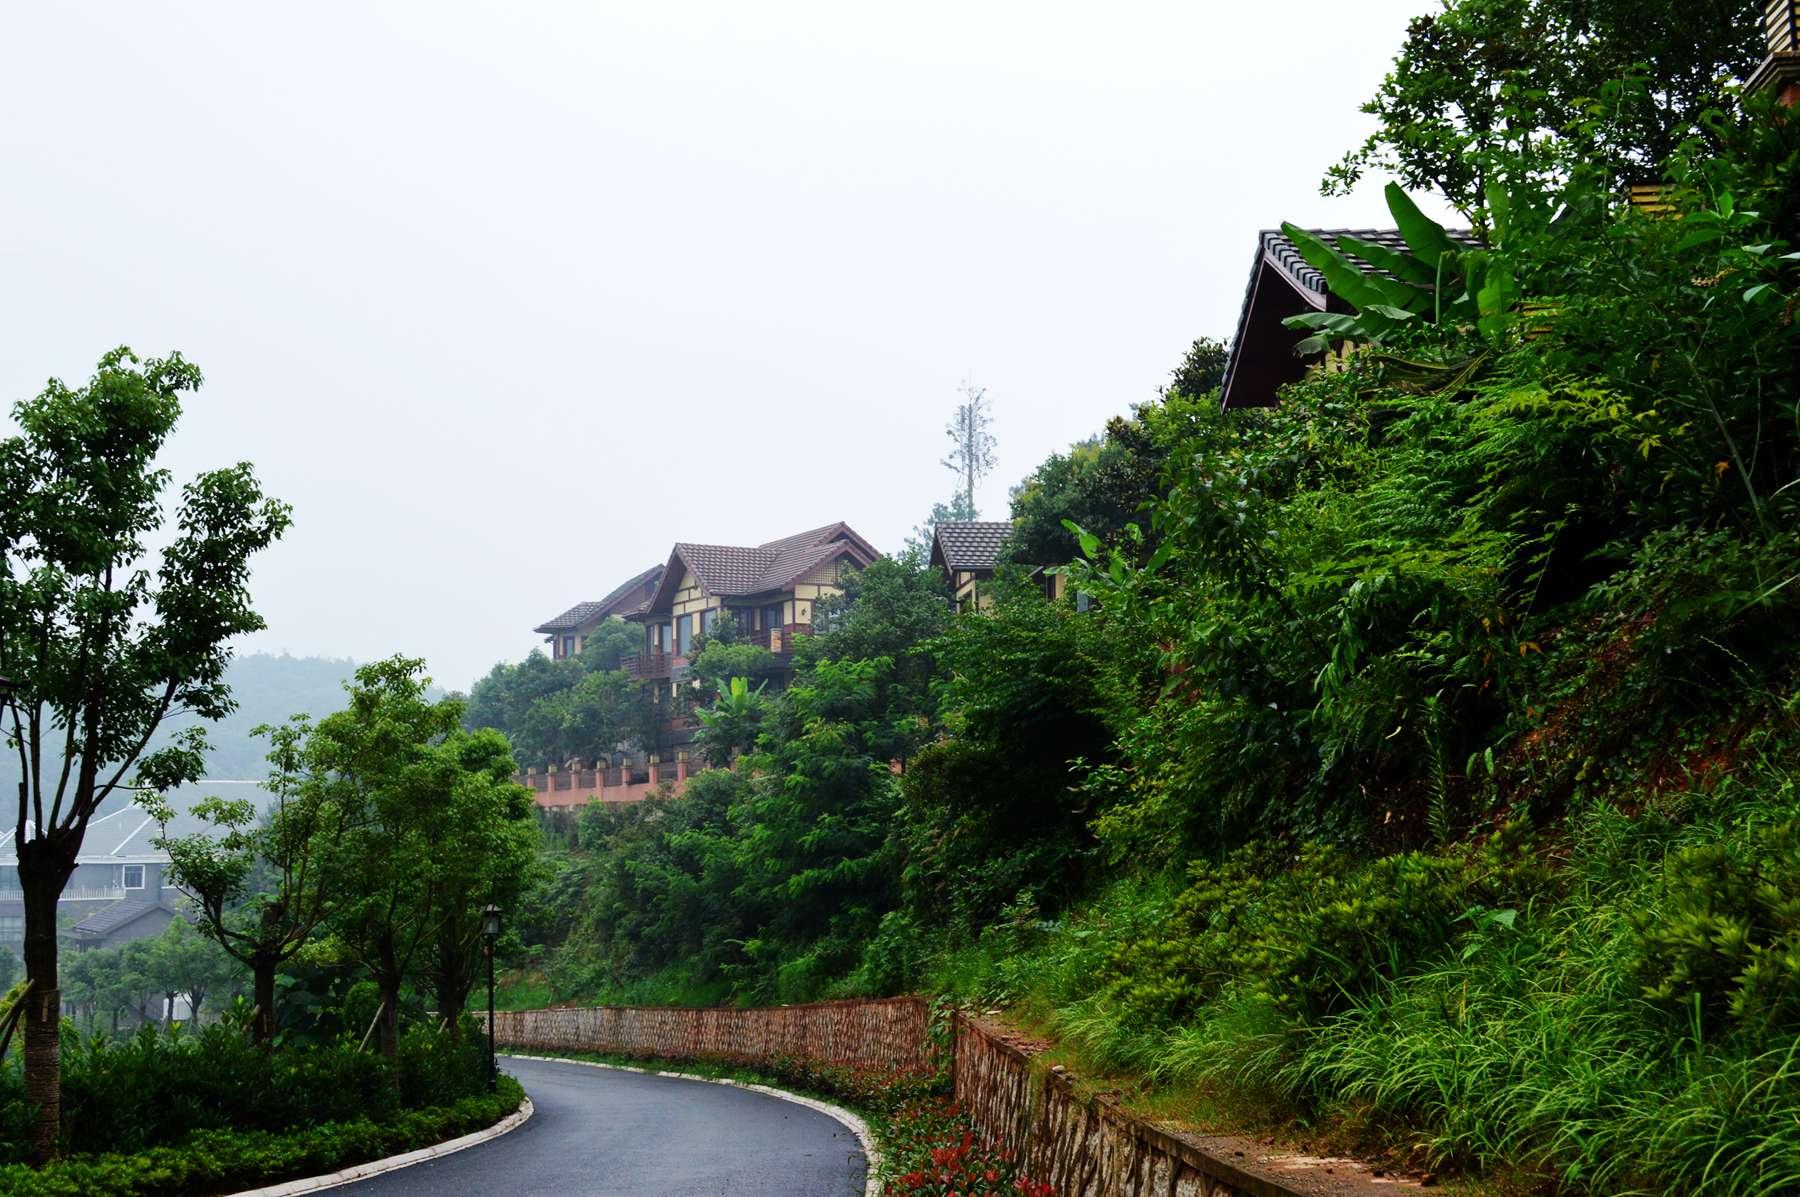 皖南川藏线起点----恩龙世界木屋村自驾游